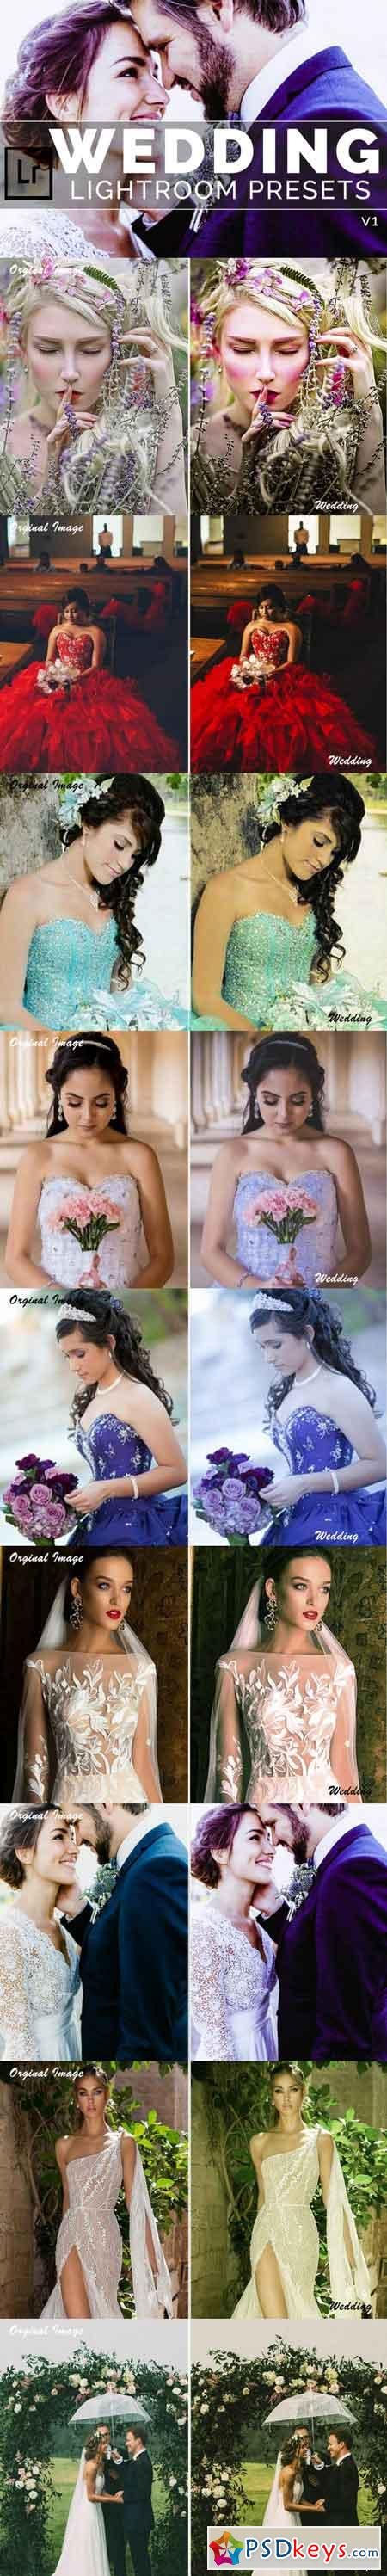 Wedding Lightroom Presets v1